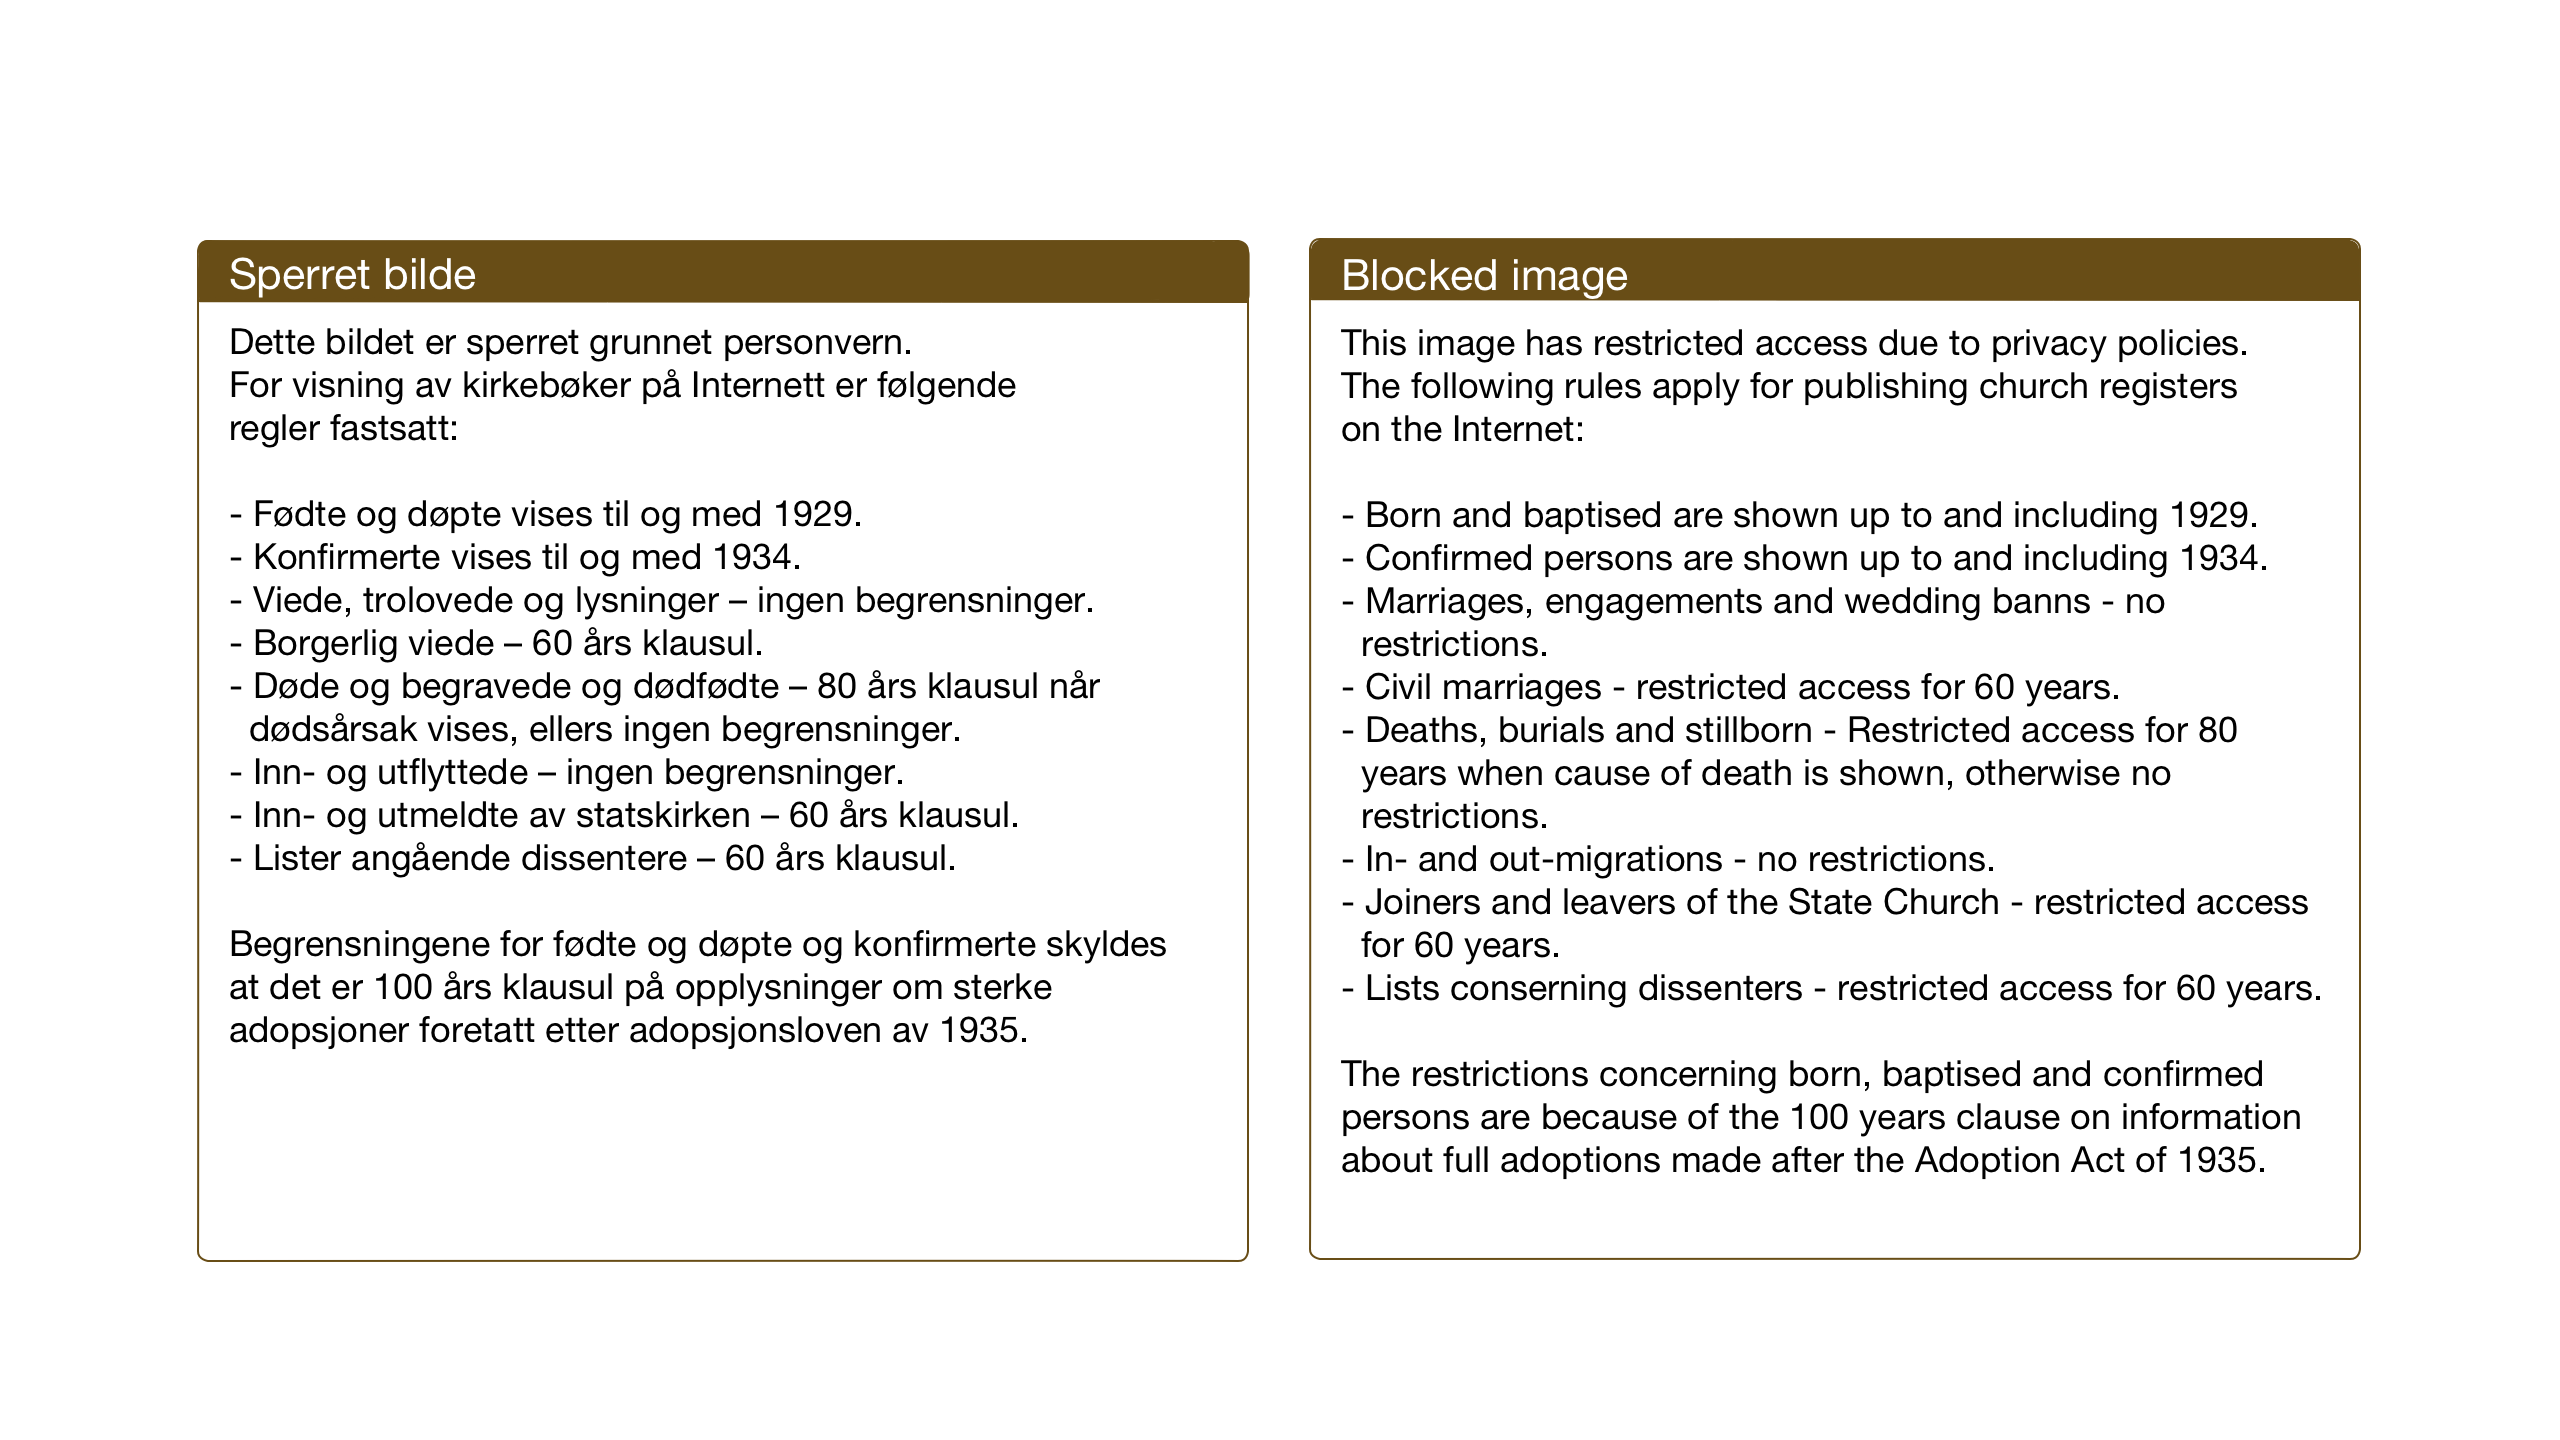 SAT, Ministerialprotokoller, klokkerbøker og fødselsregistre - Sør-Trøndelag, 605/L0259: Klokkerbok nr. 605C06, 1920-1937, s. 302